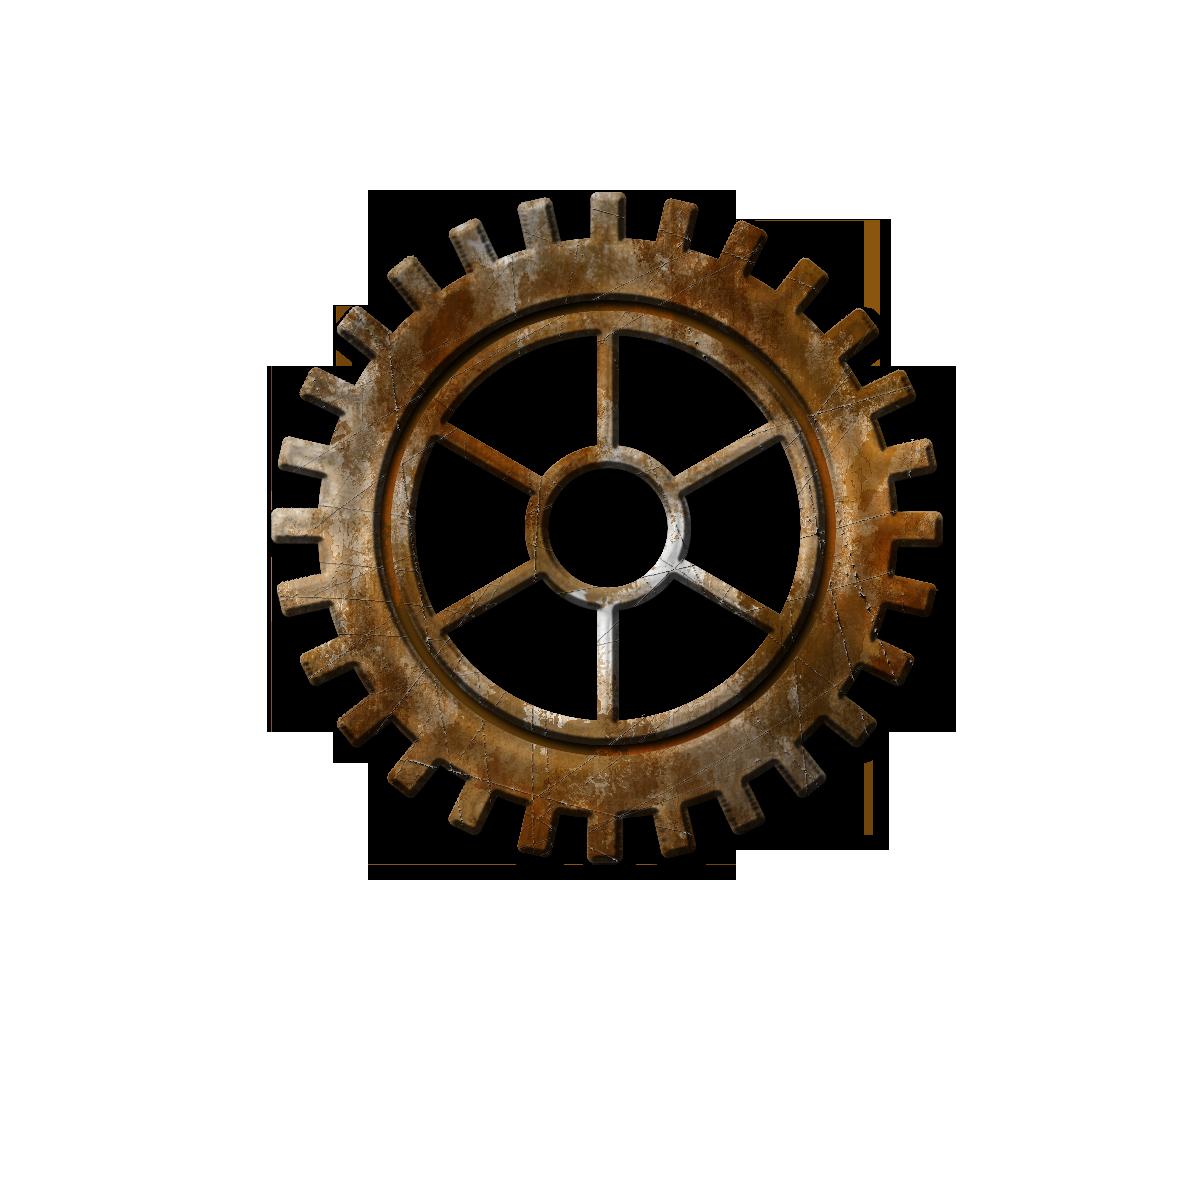 Steampunk Gear Transparent Background Steam Punk